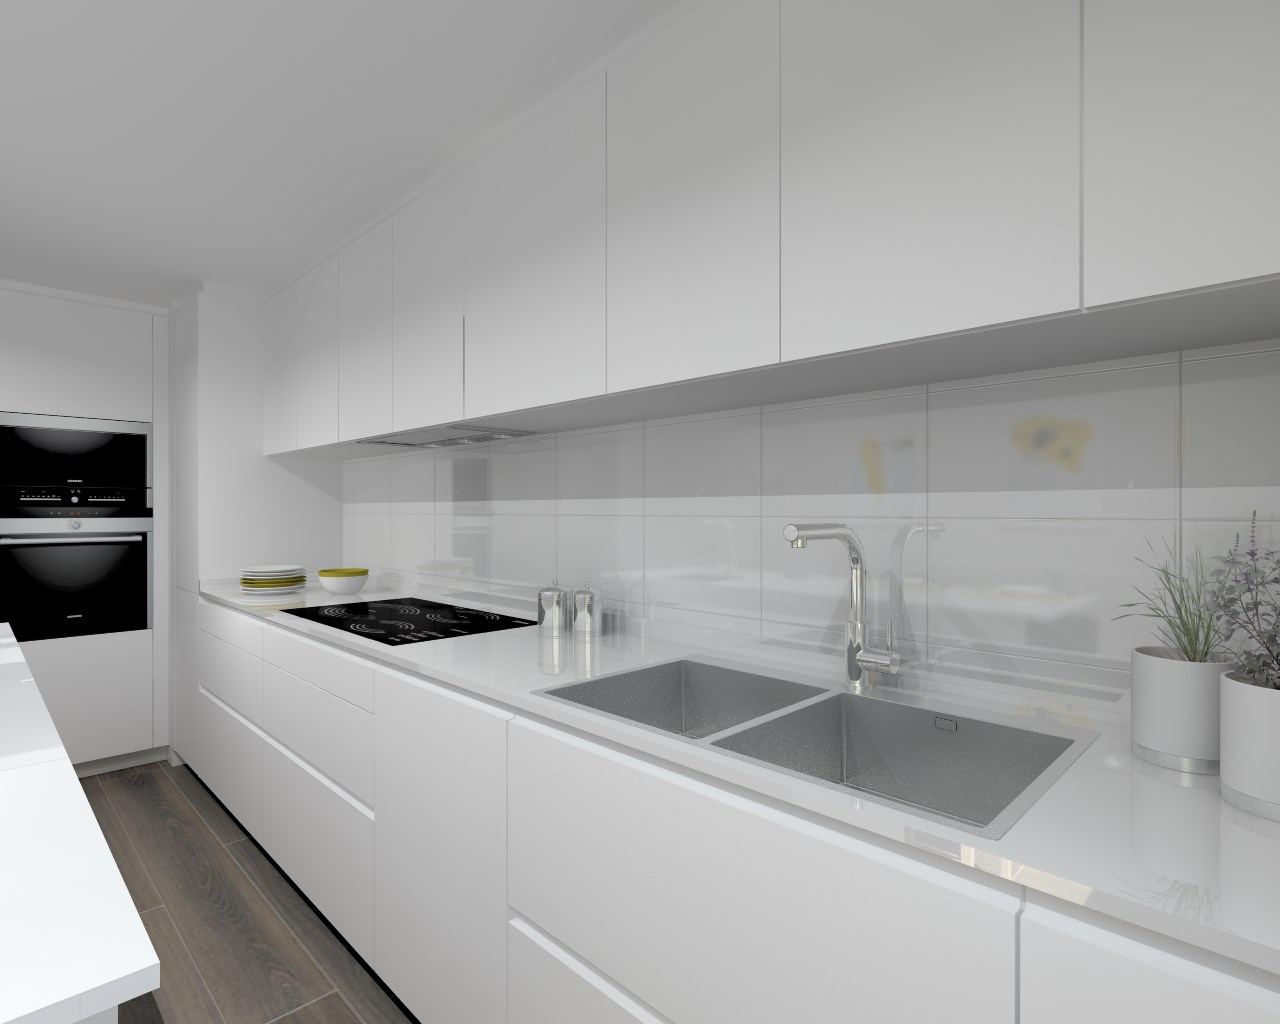 Aravaca cocina santos modelo laminado blanco for Proyecto cocina pequena